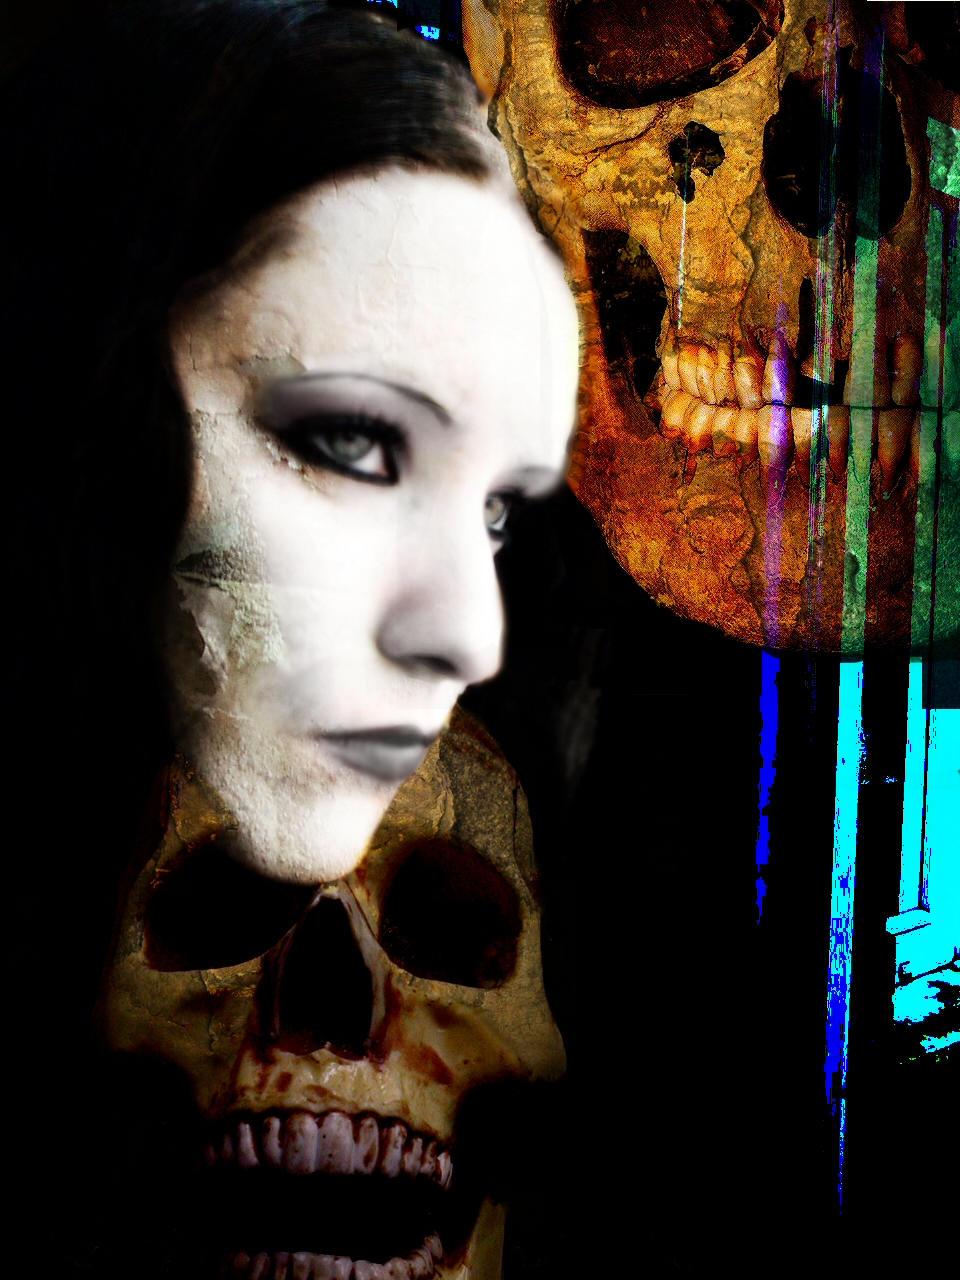 Skulls by Trashcn